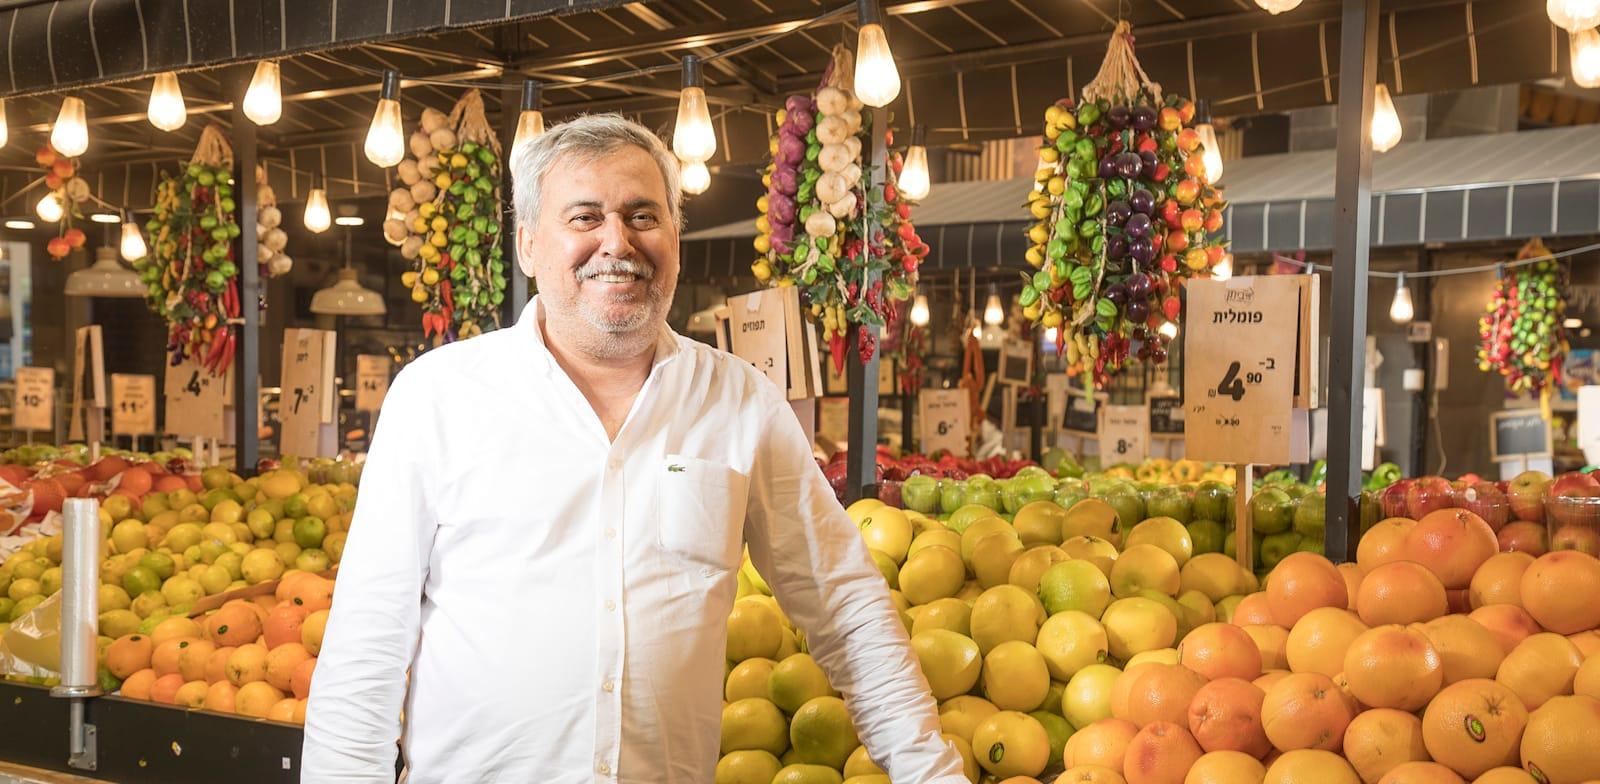 נחום ביתן, בעלי קבוצת יינות ביתן / צילום: רמי זרנגר